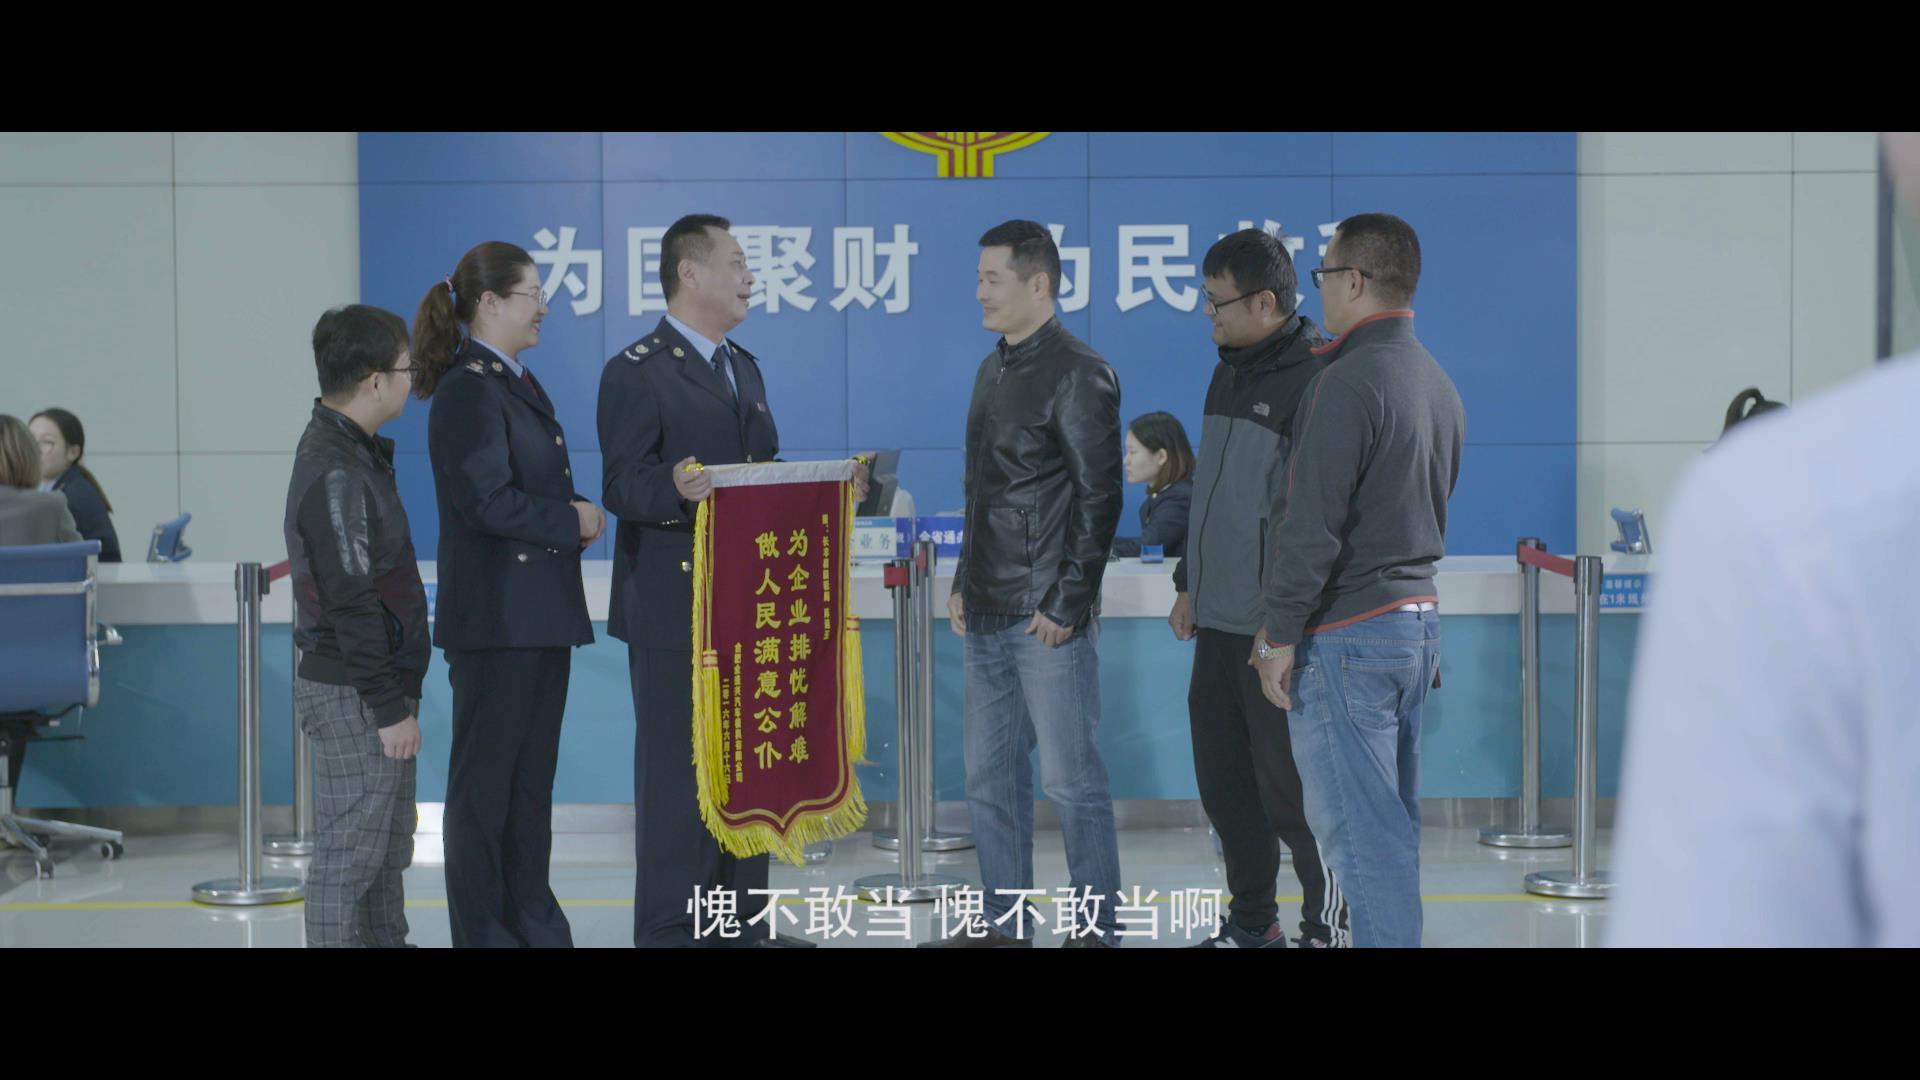 中国好税官——陈道玉微电影成片(无水印版[00_08_29][20190318-143758].jpg